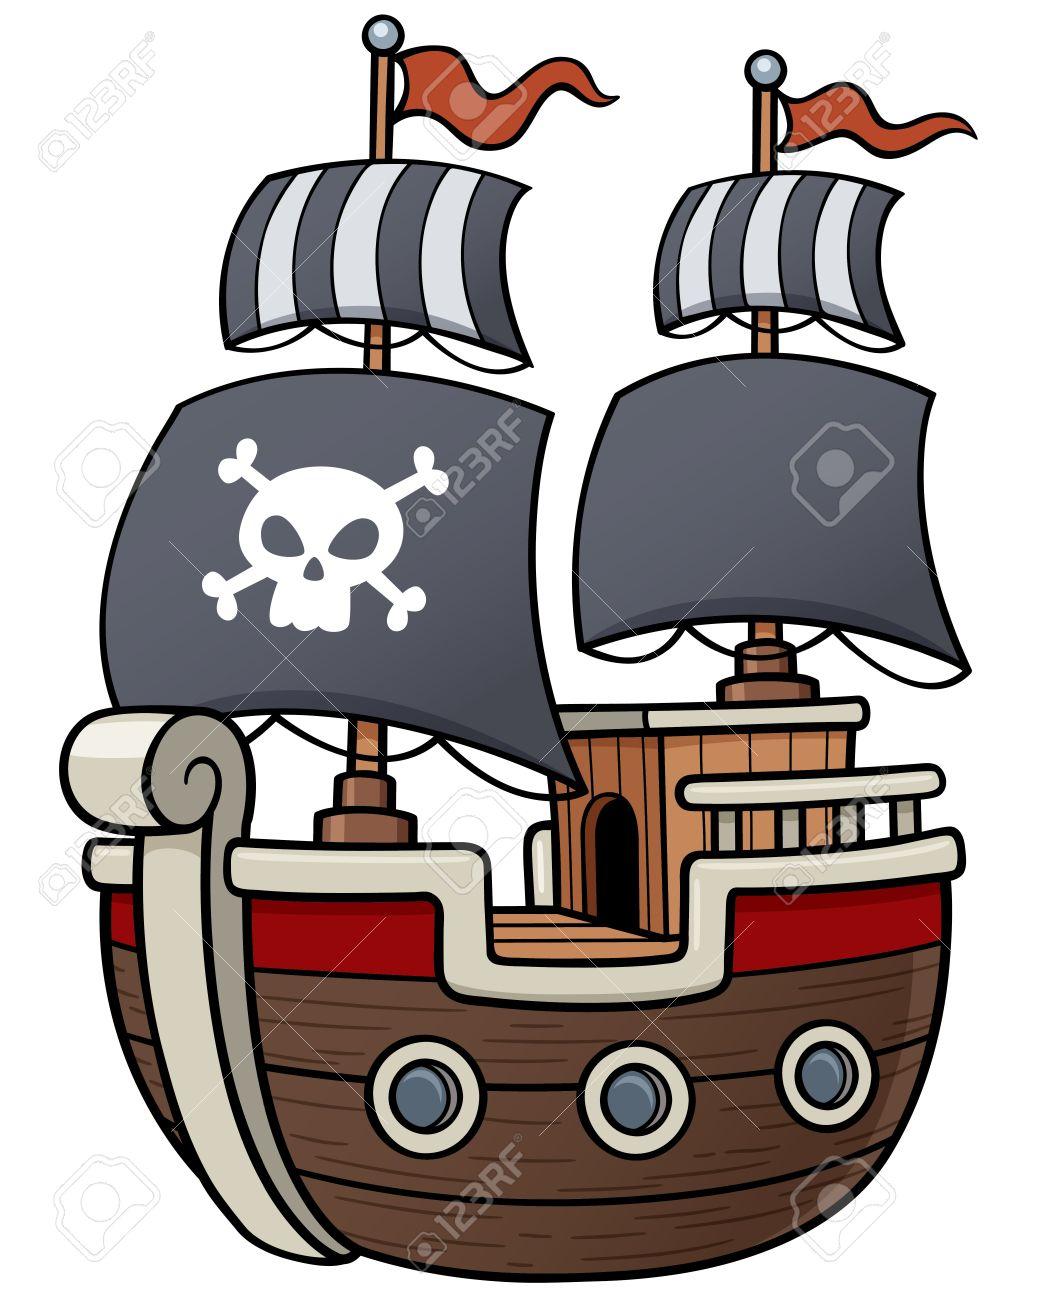 海賊船のベクトル イラストのイラスト素材ベクタ Image 41263368